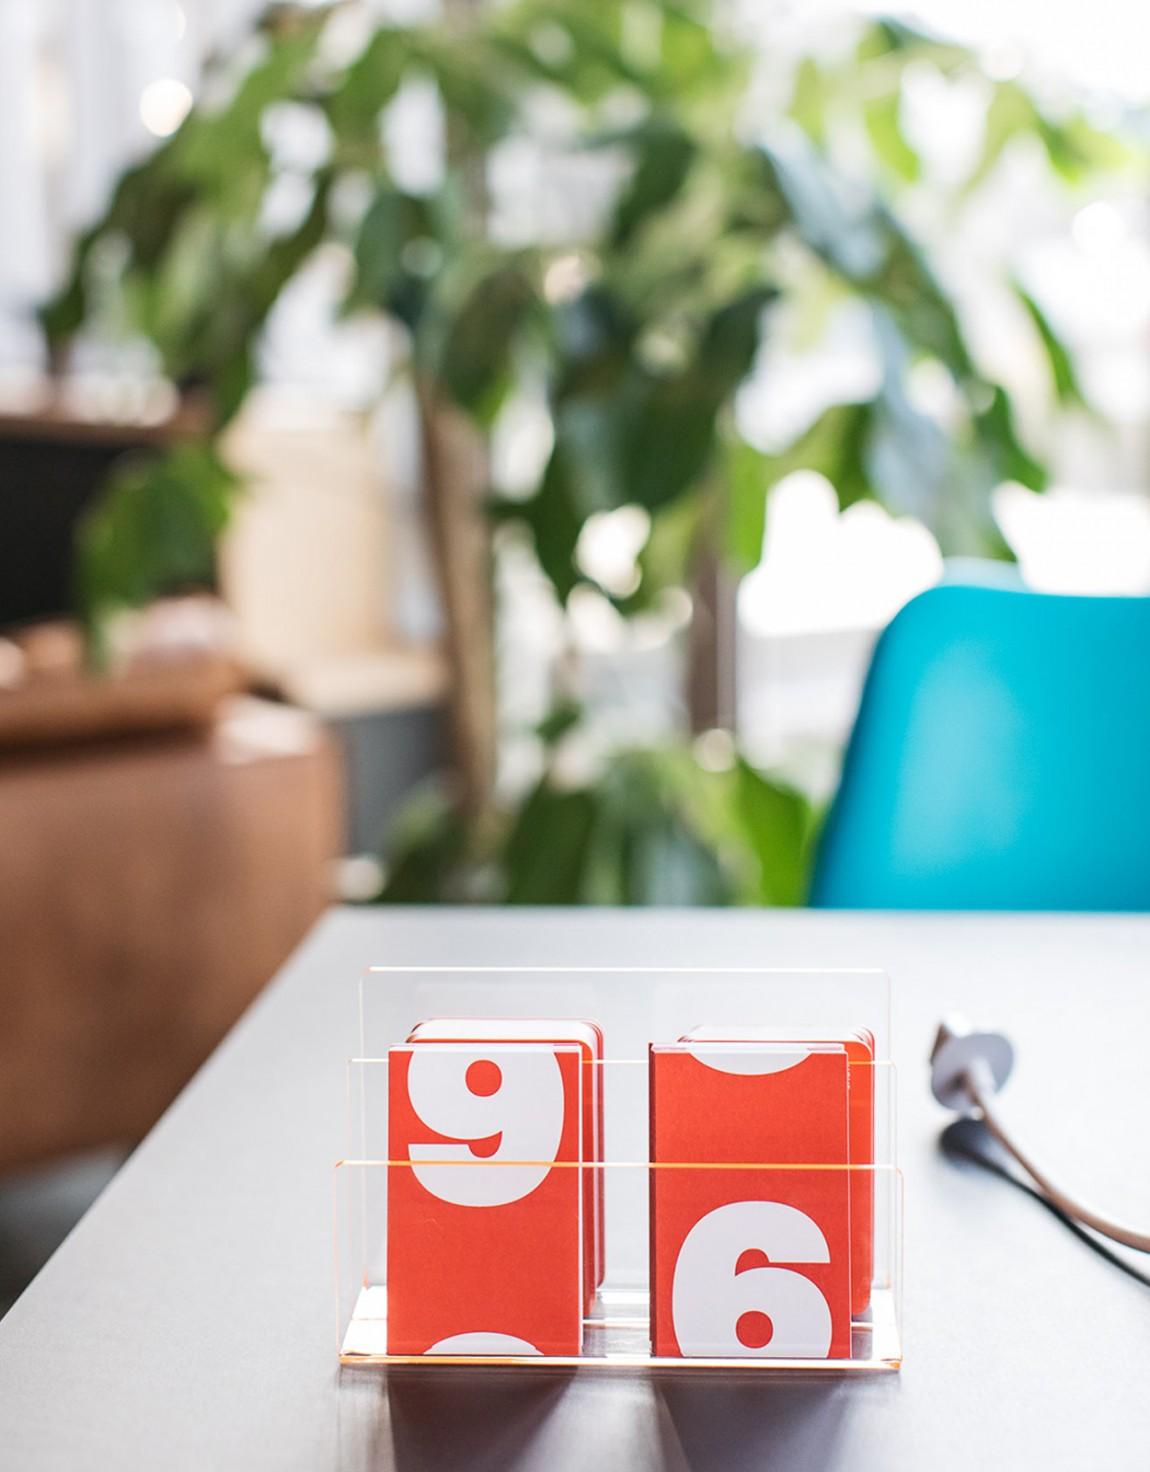 联合办公空间企业vi形象设计项目,办公空间设计